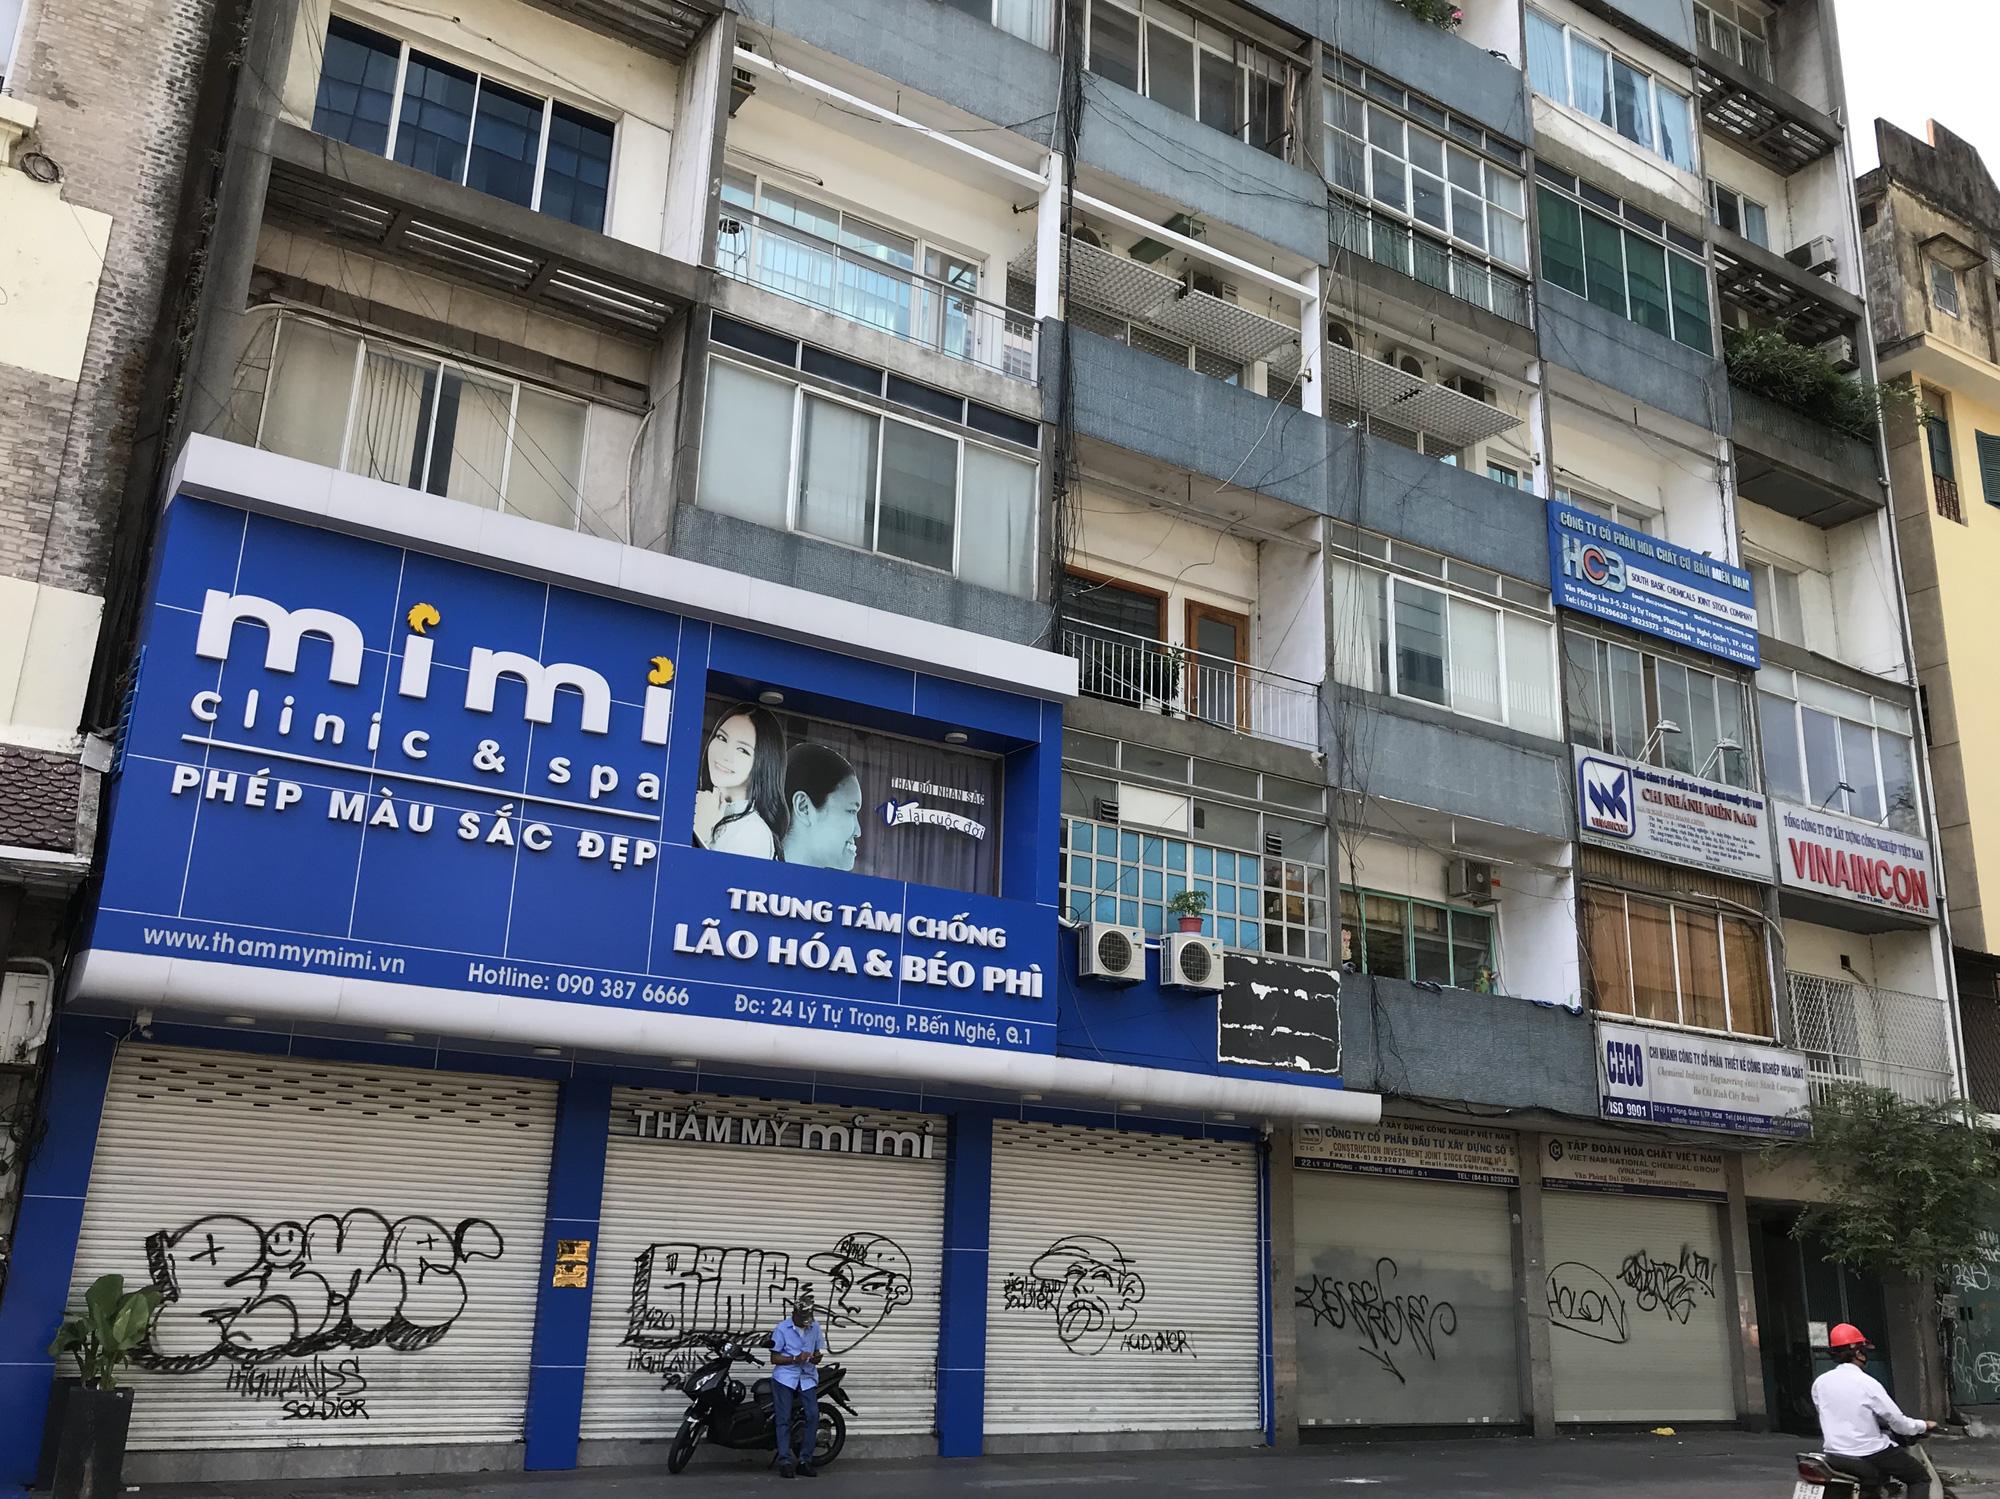 Tiệm vàng, Chanel, Gucci Sài Gòn cũng đóng cửa im ỉm phòng dịch Covid-19 - Ảnh 7.